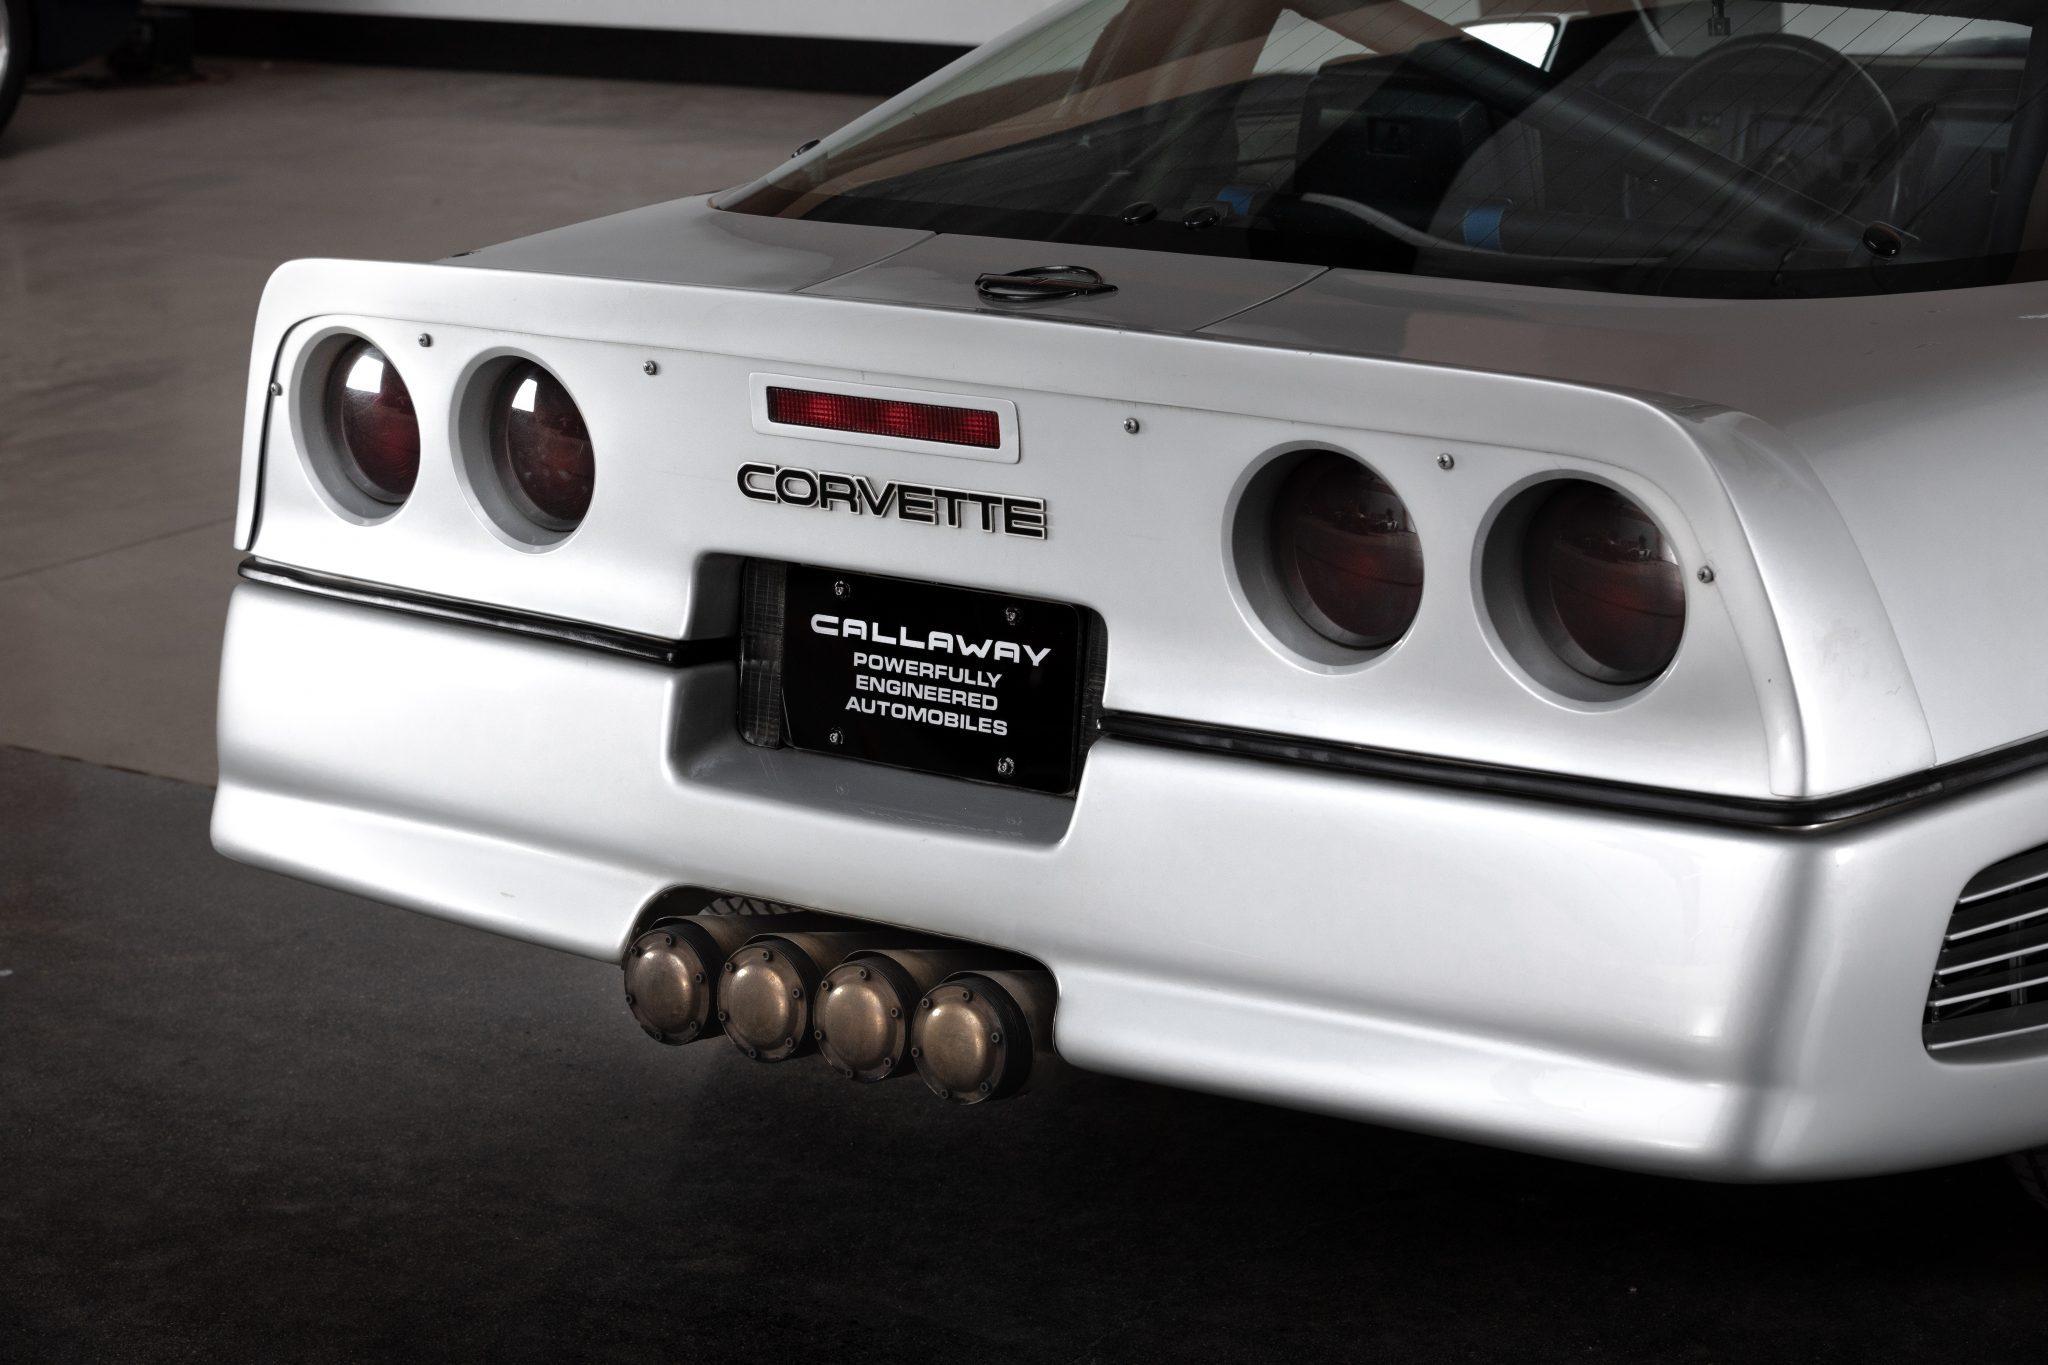 1988 Chevrolet Corvette Callaway SledgeHammer BaT rear